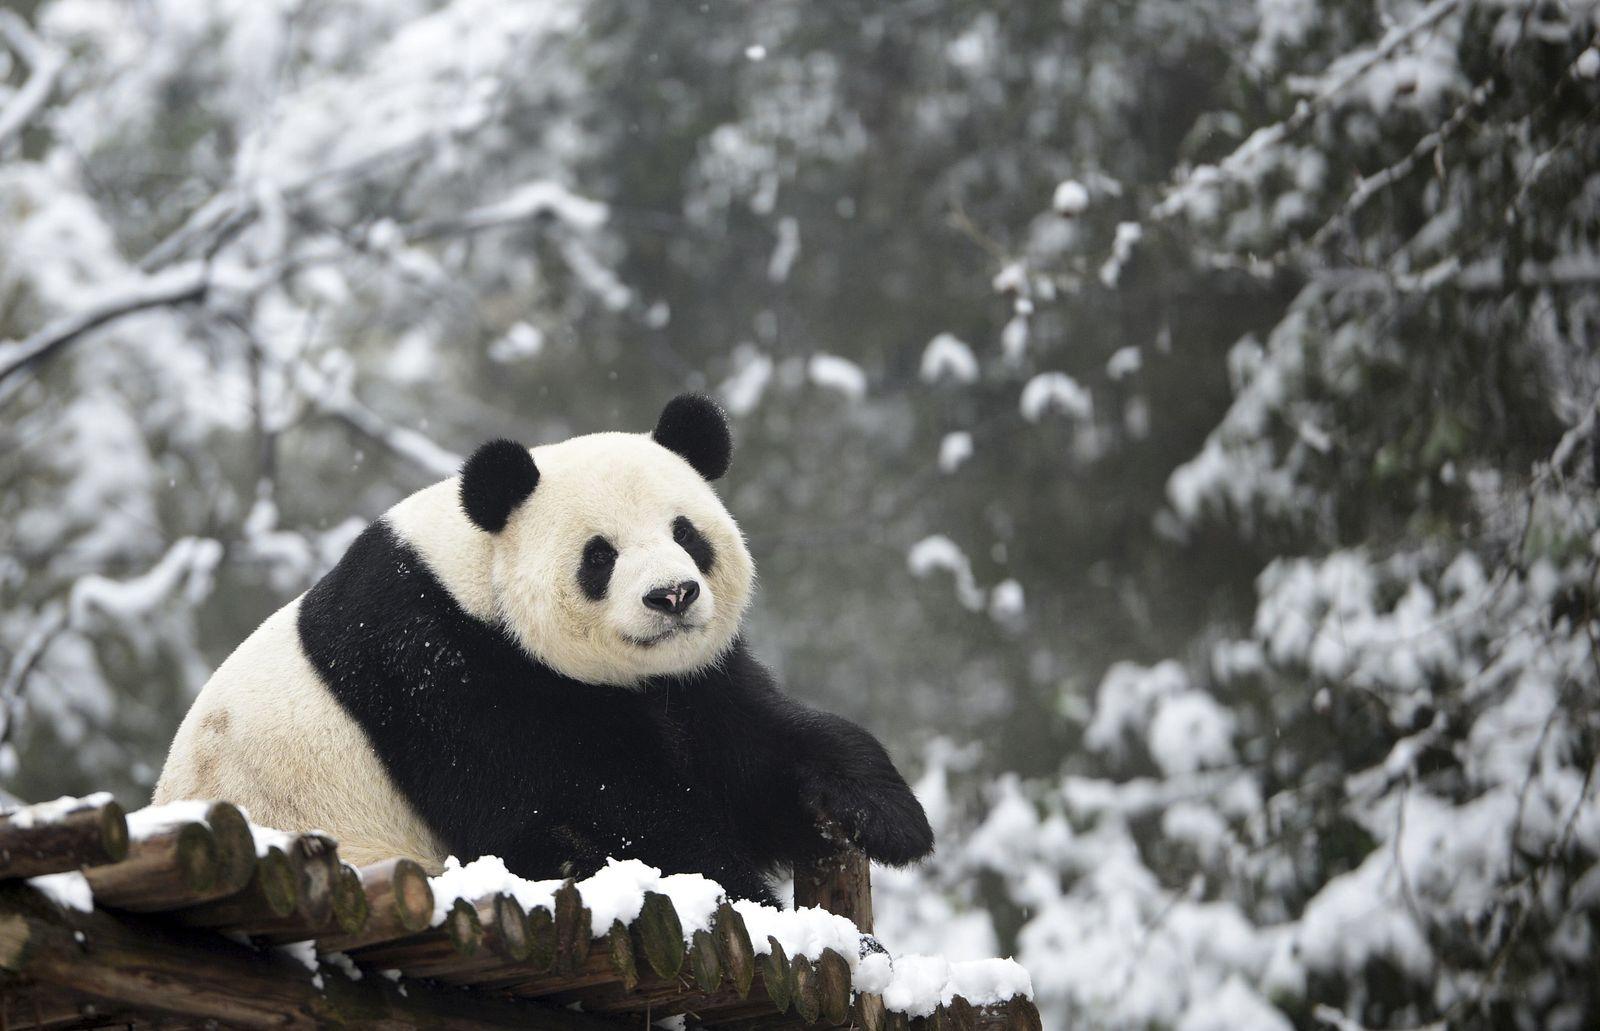 CHINA-ANIMALS/